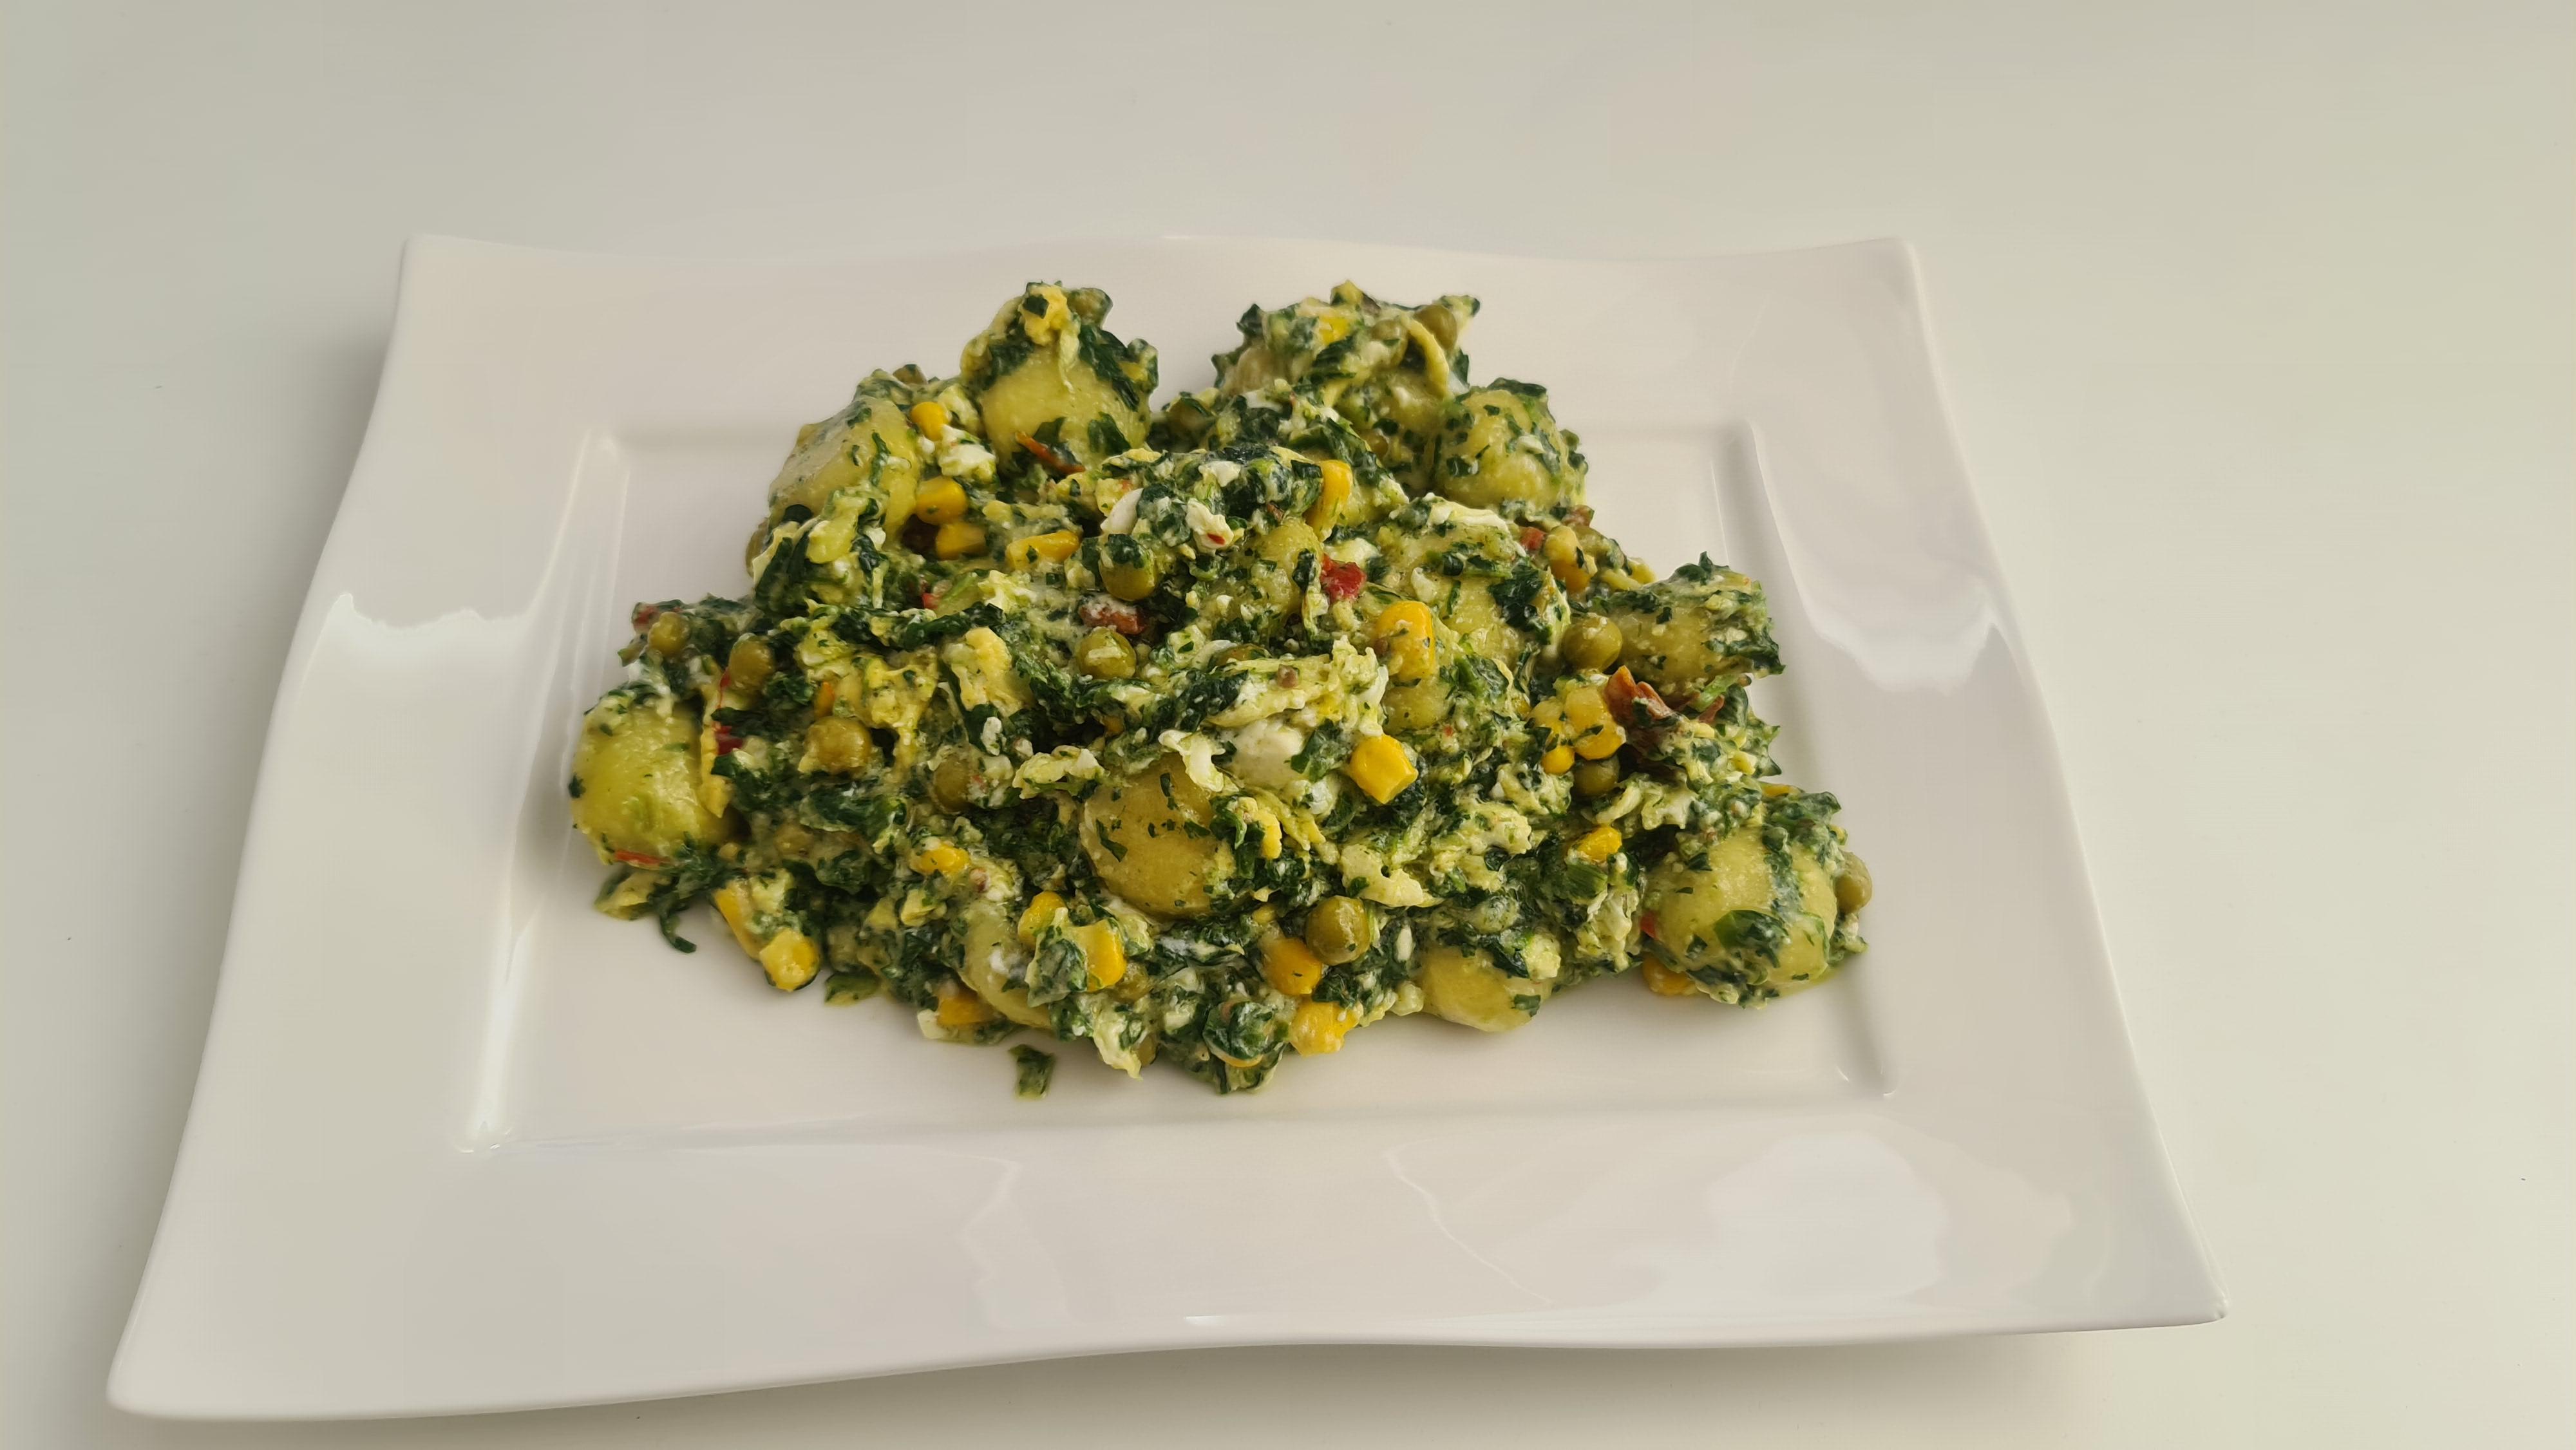 https://foodloader.net/Holz_2020-05-02_Gef__llte_Gnocci_mit_Spinat__Feta_und_Ei.jpg